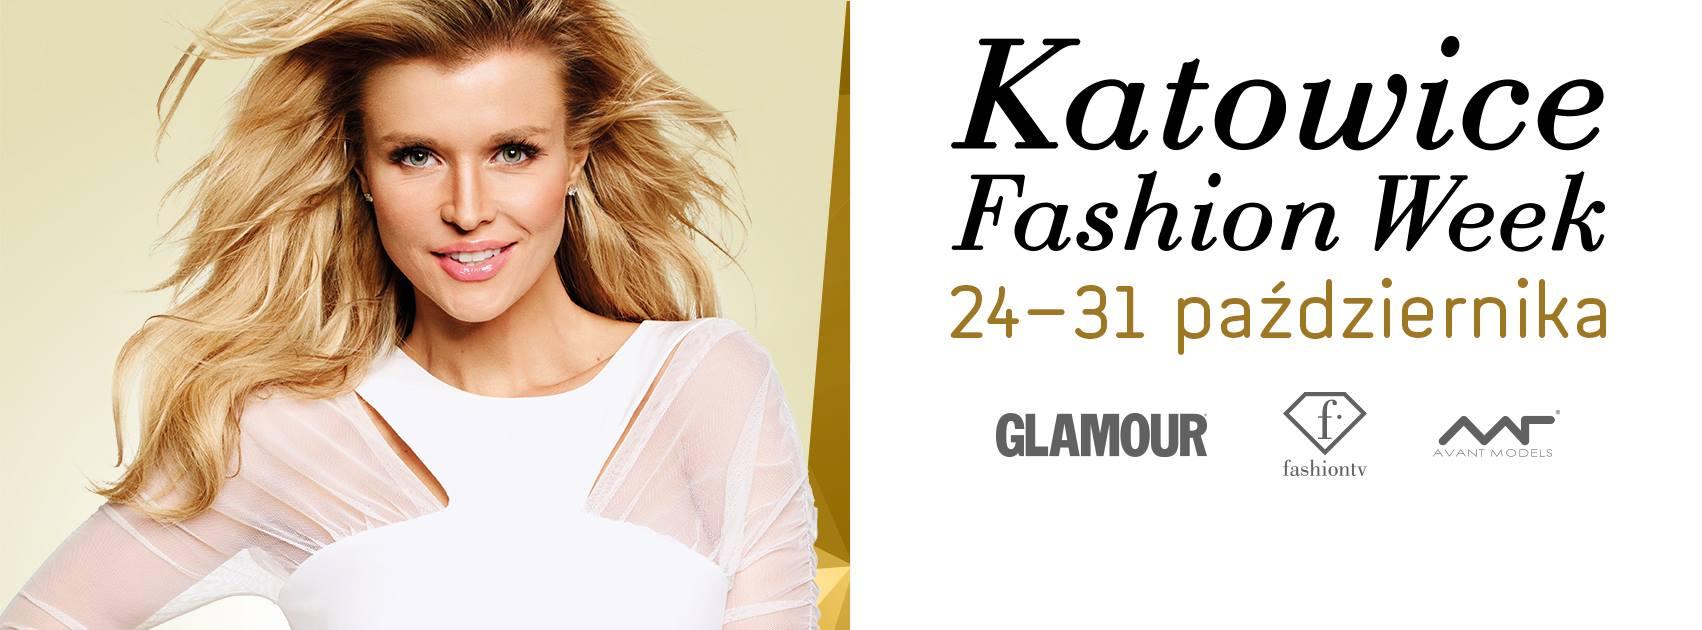 Katowice Fashion Week 24-31 października 2015